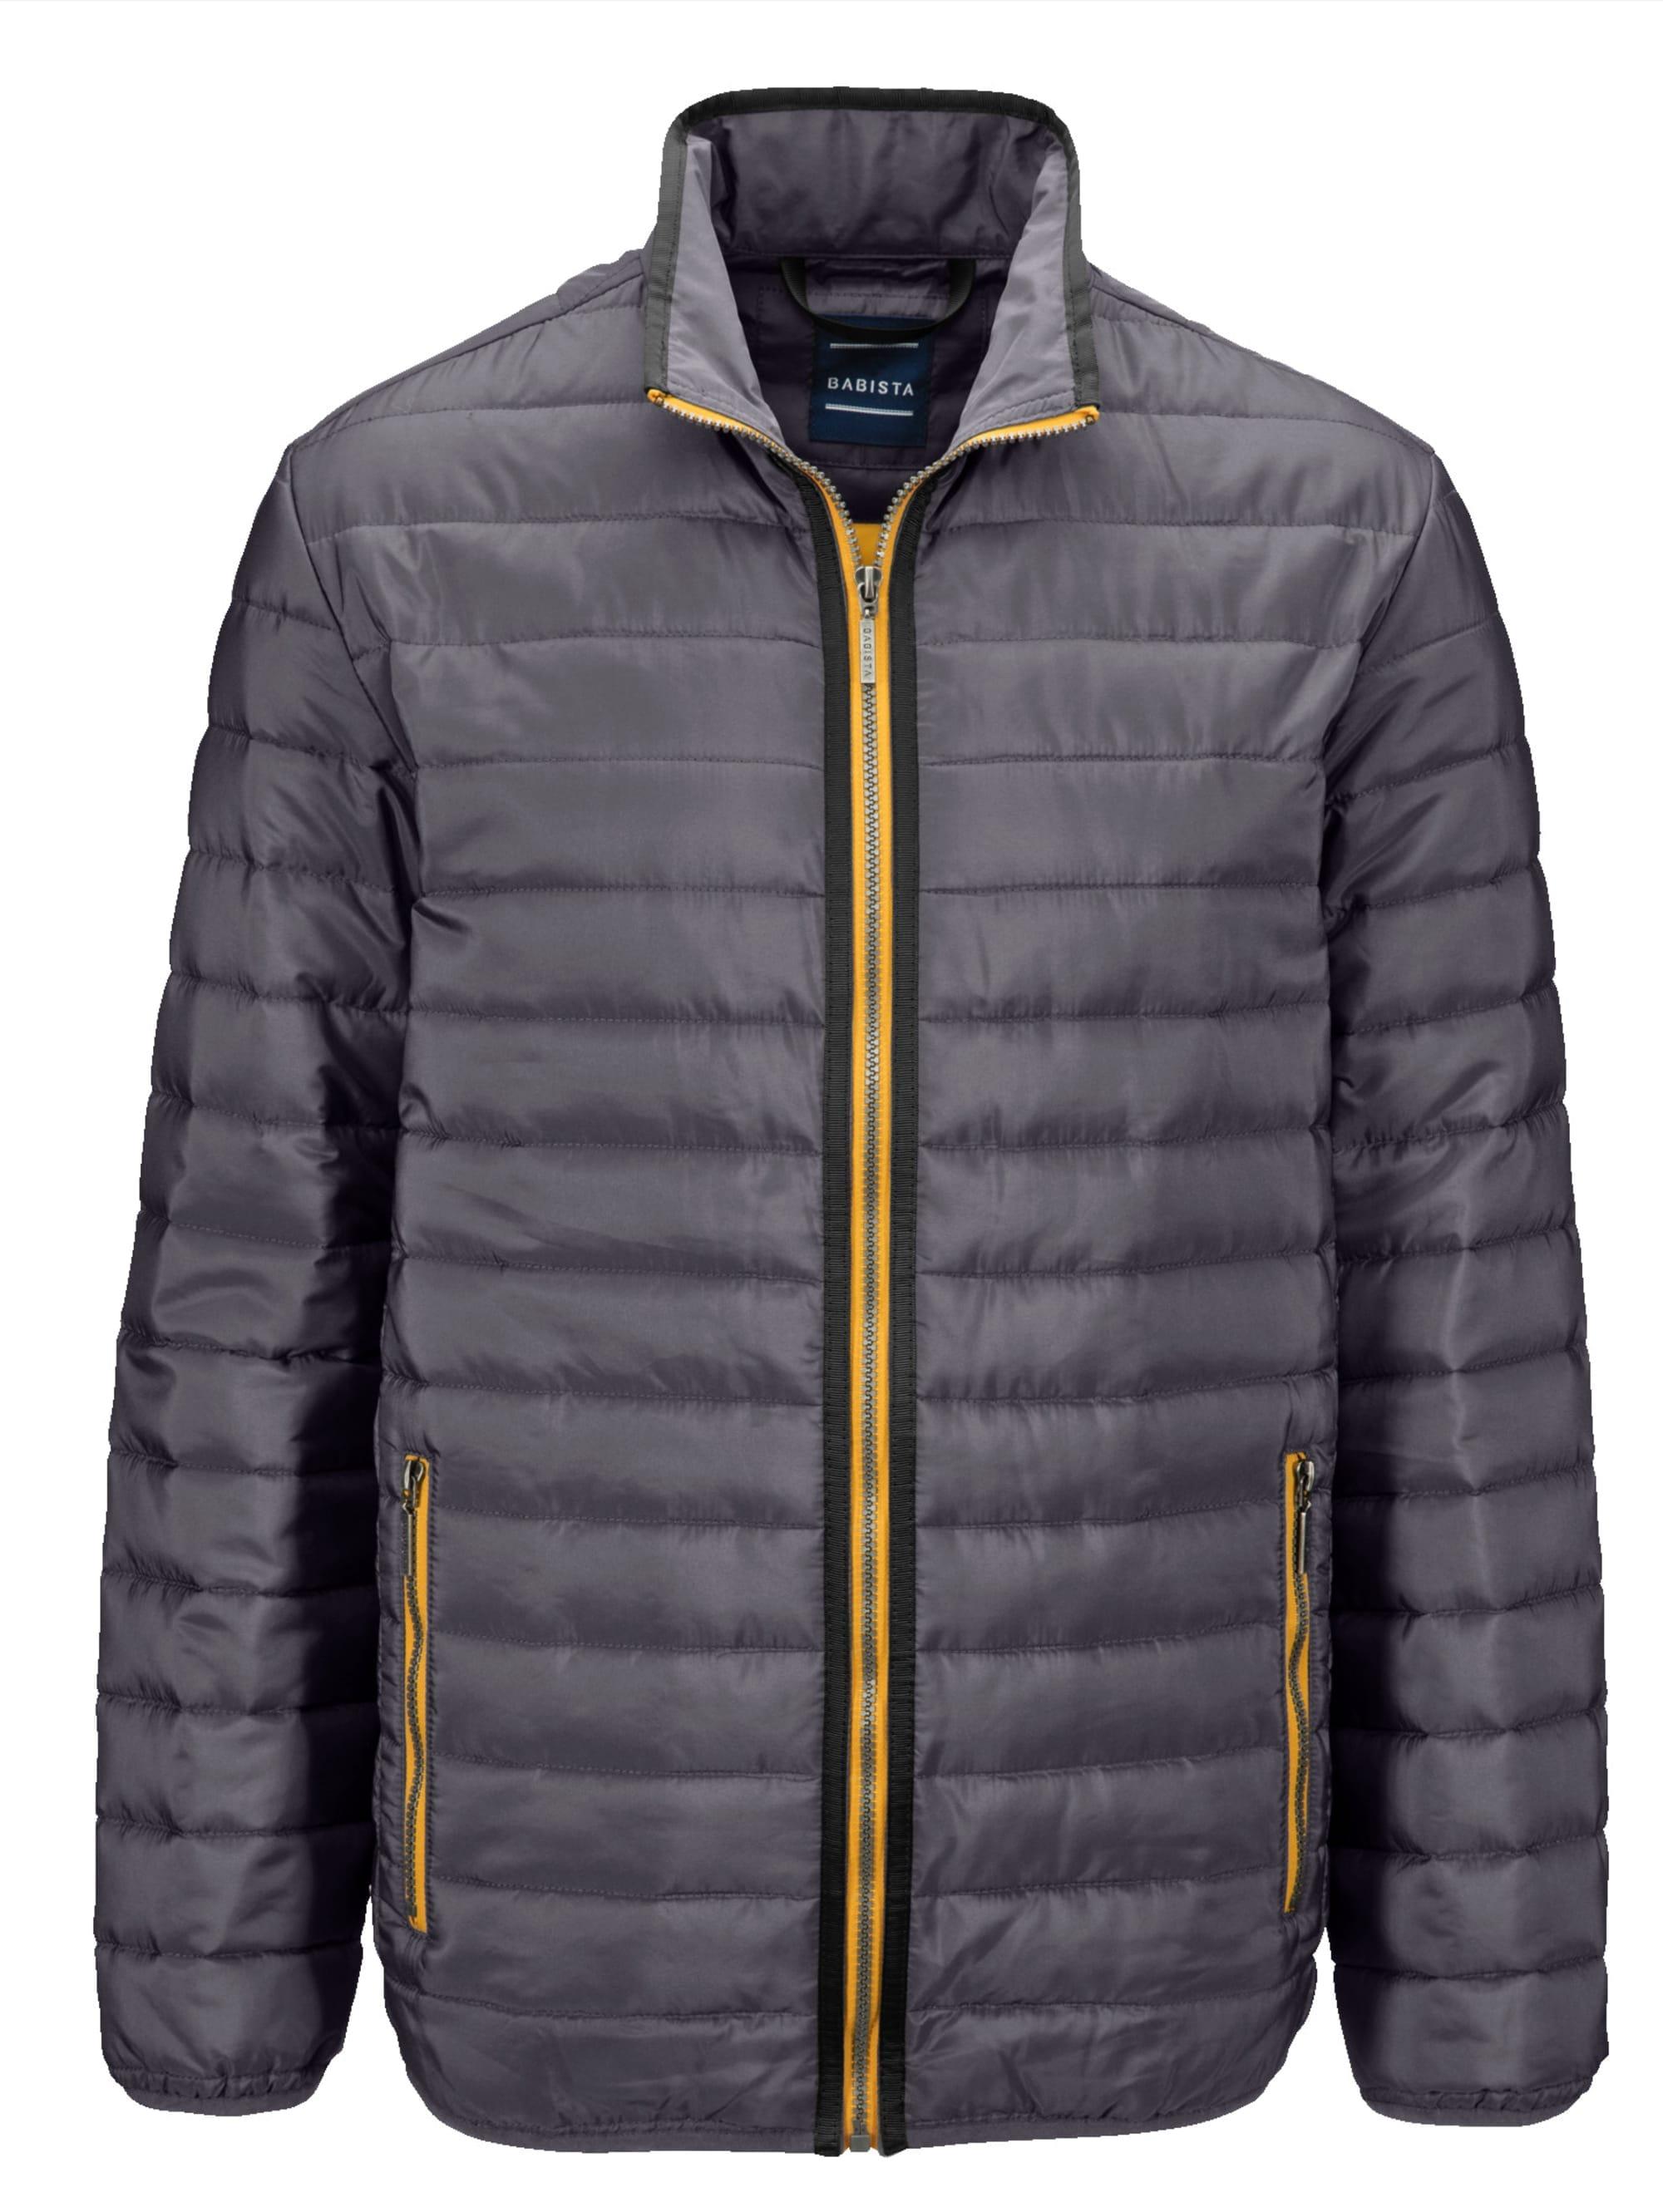 Babista Jacke in Steppoptik | Bekleidung > Jacken > Sonstige Jacken | Grau | Polyester | BABISTA